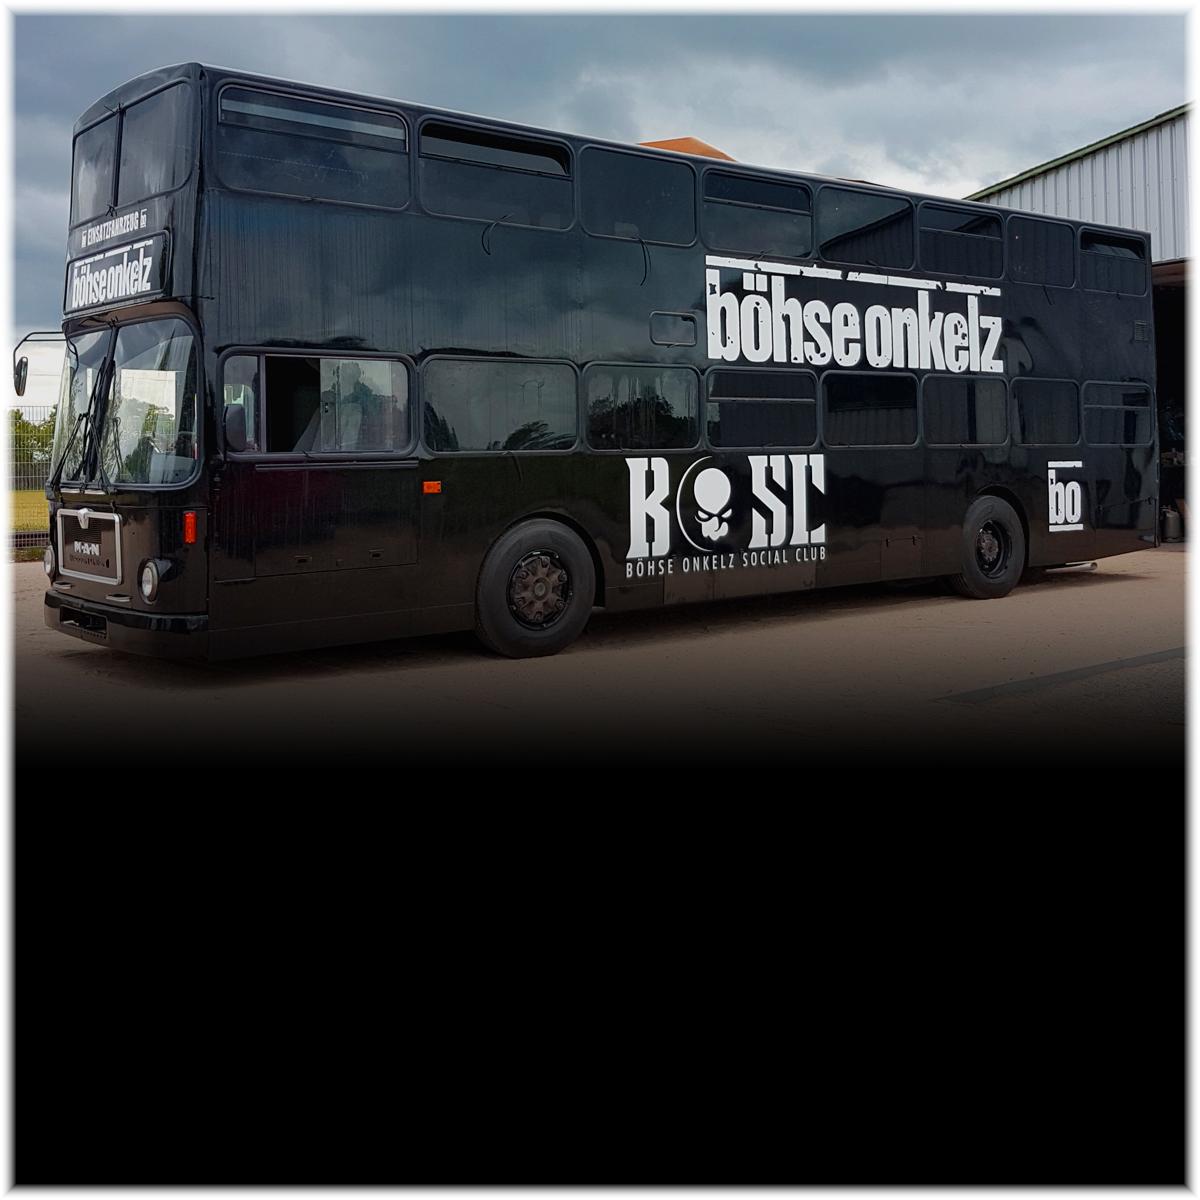 Projekt B.O.S.C. Bus: Ein kleiner Einblick